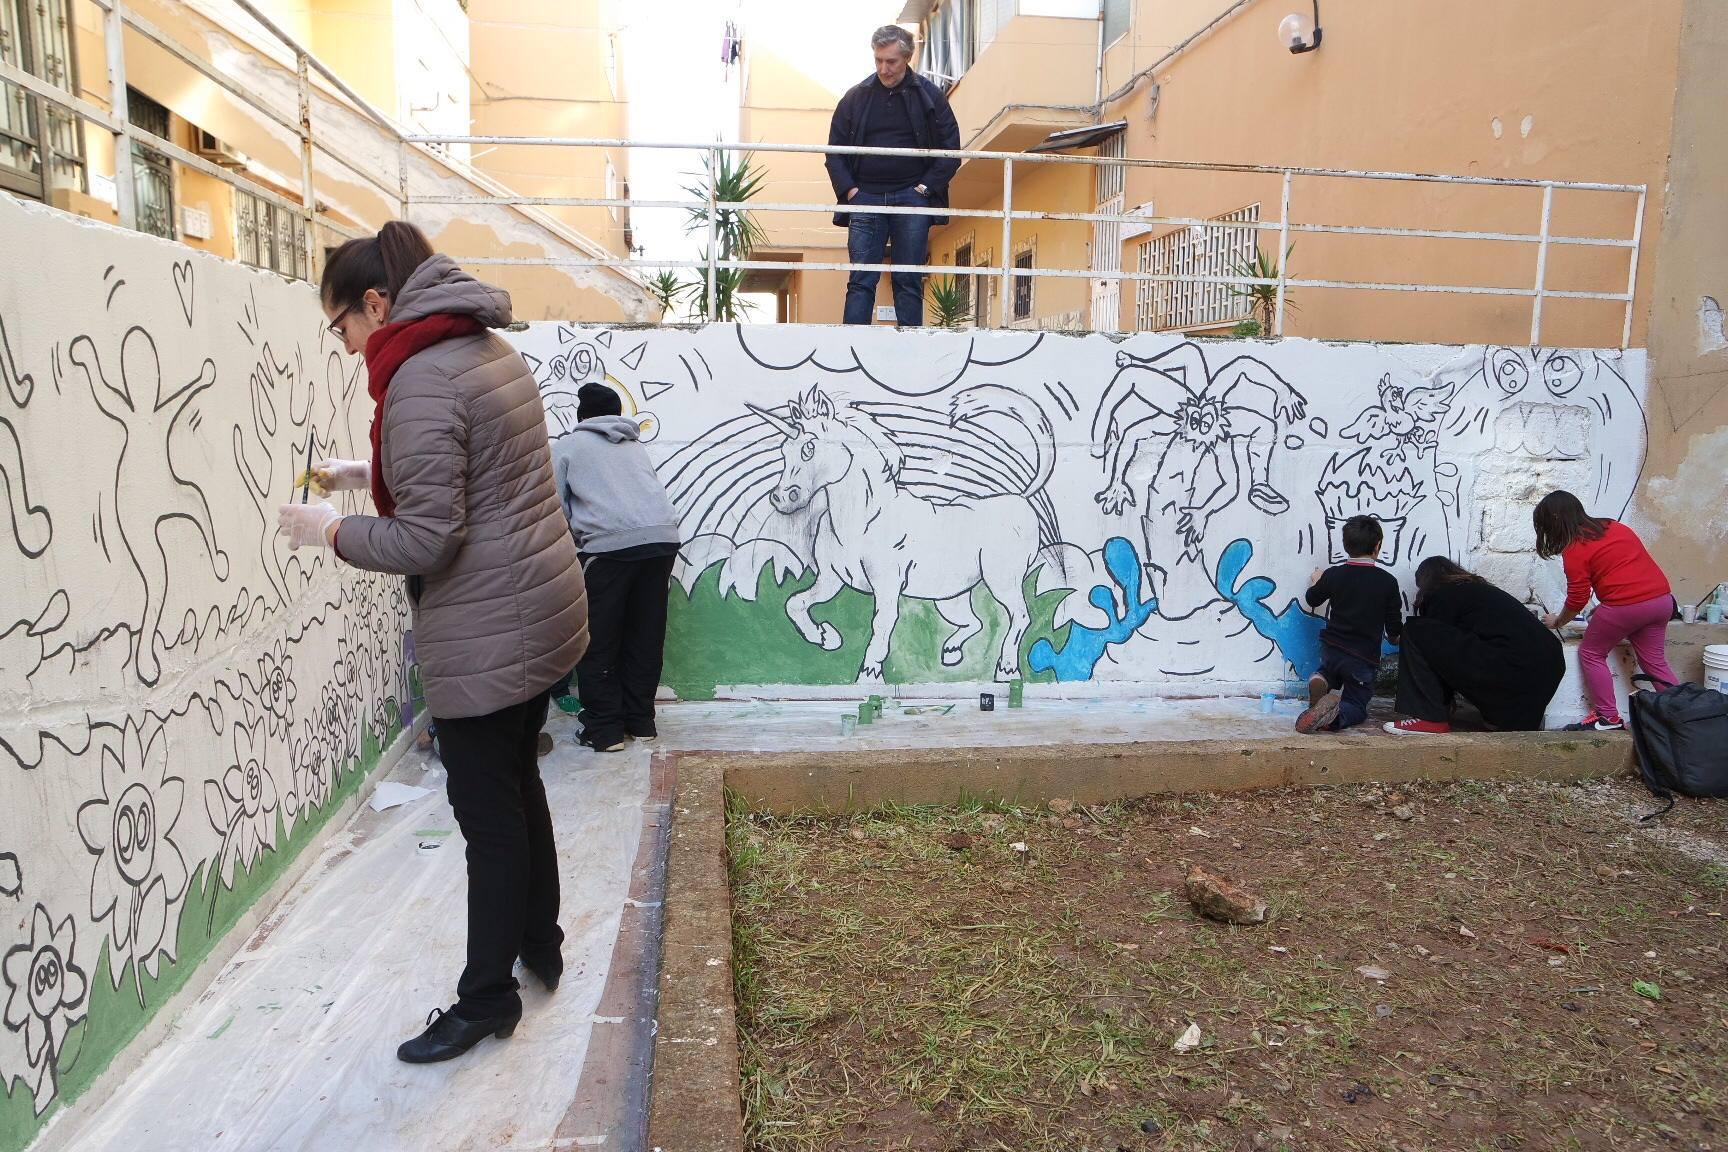 Murales allo zen grazie ai disegni dei bambini zoom for Disegni sui muri di casa